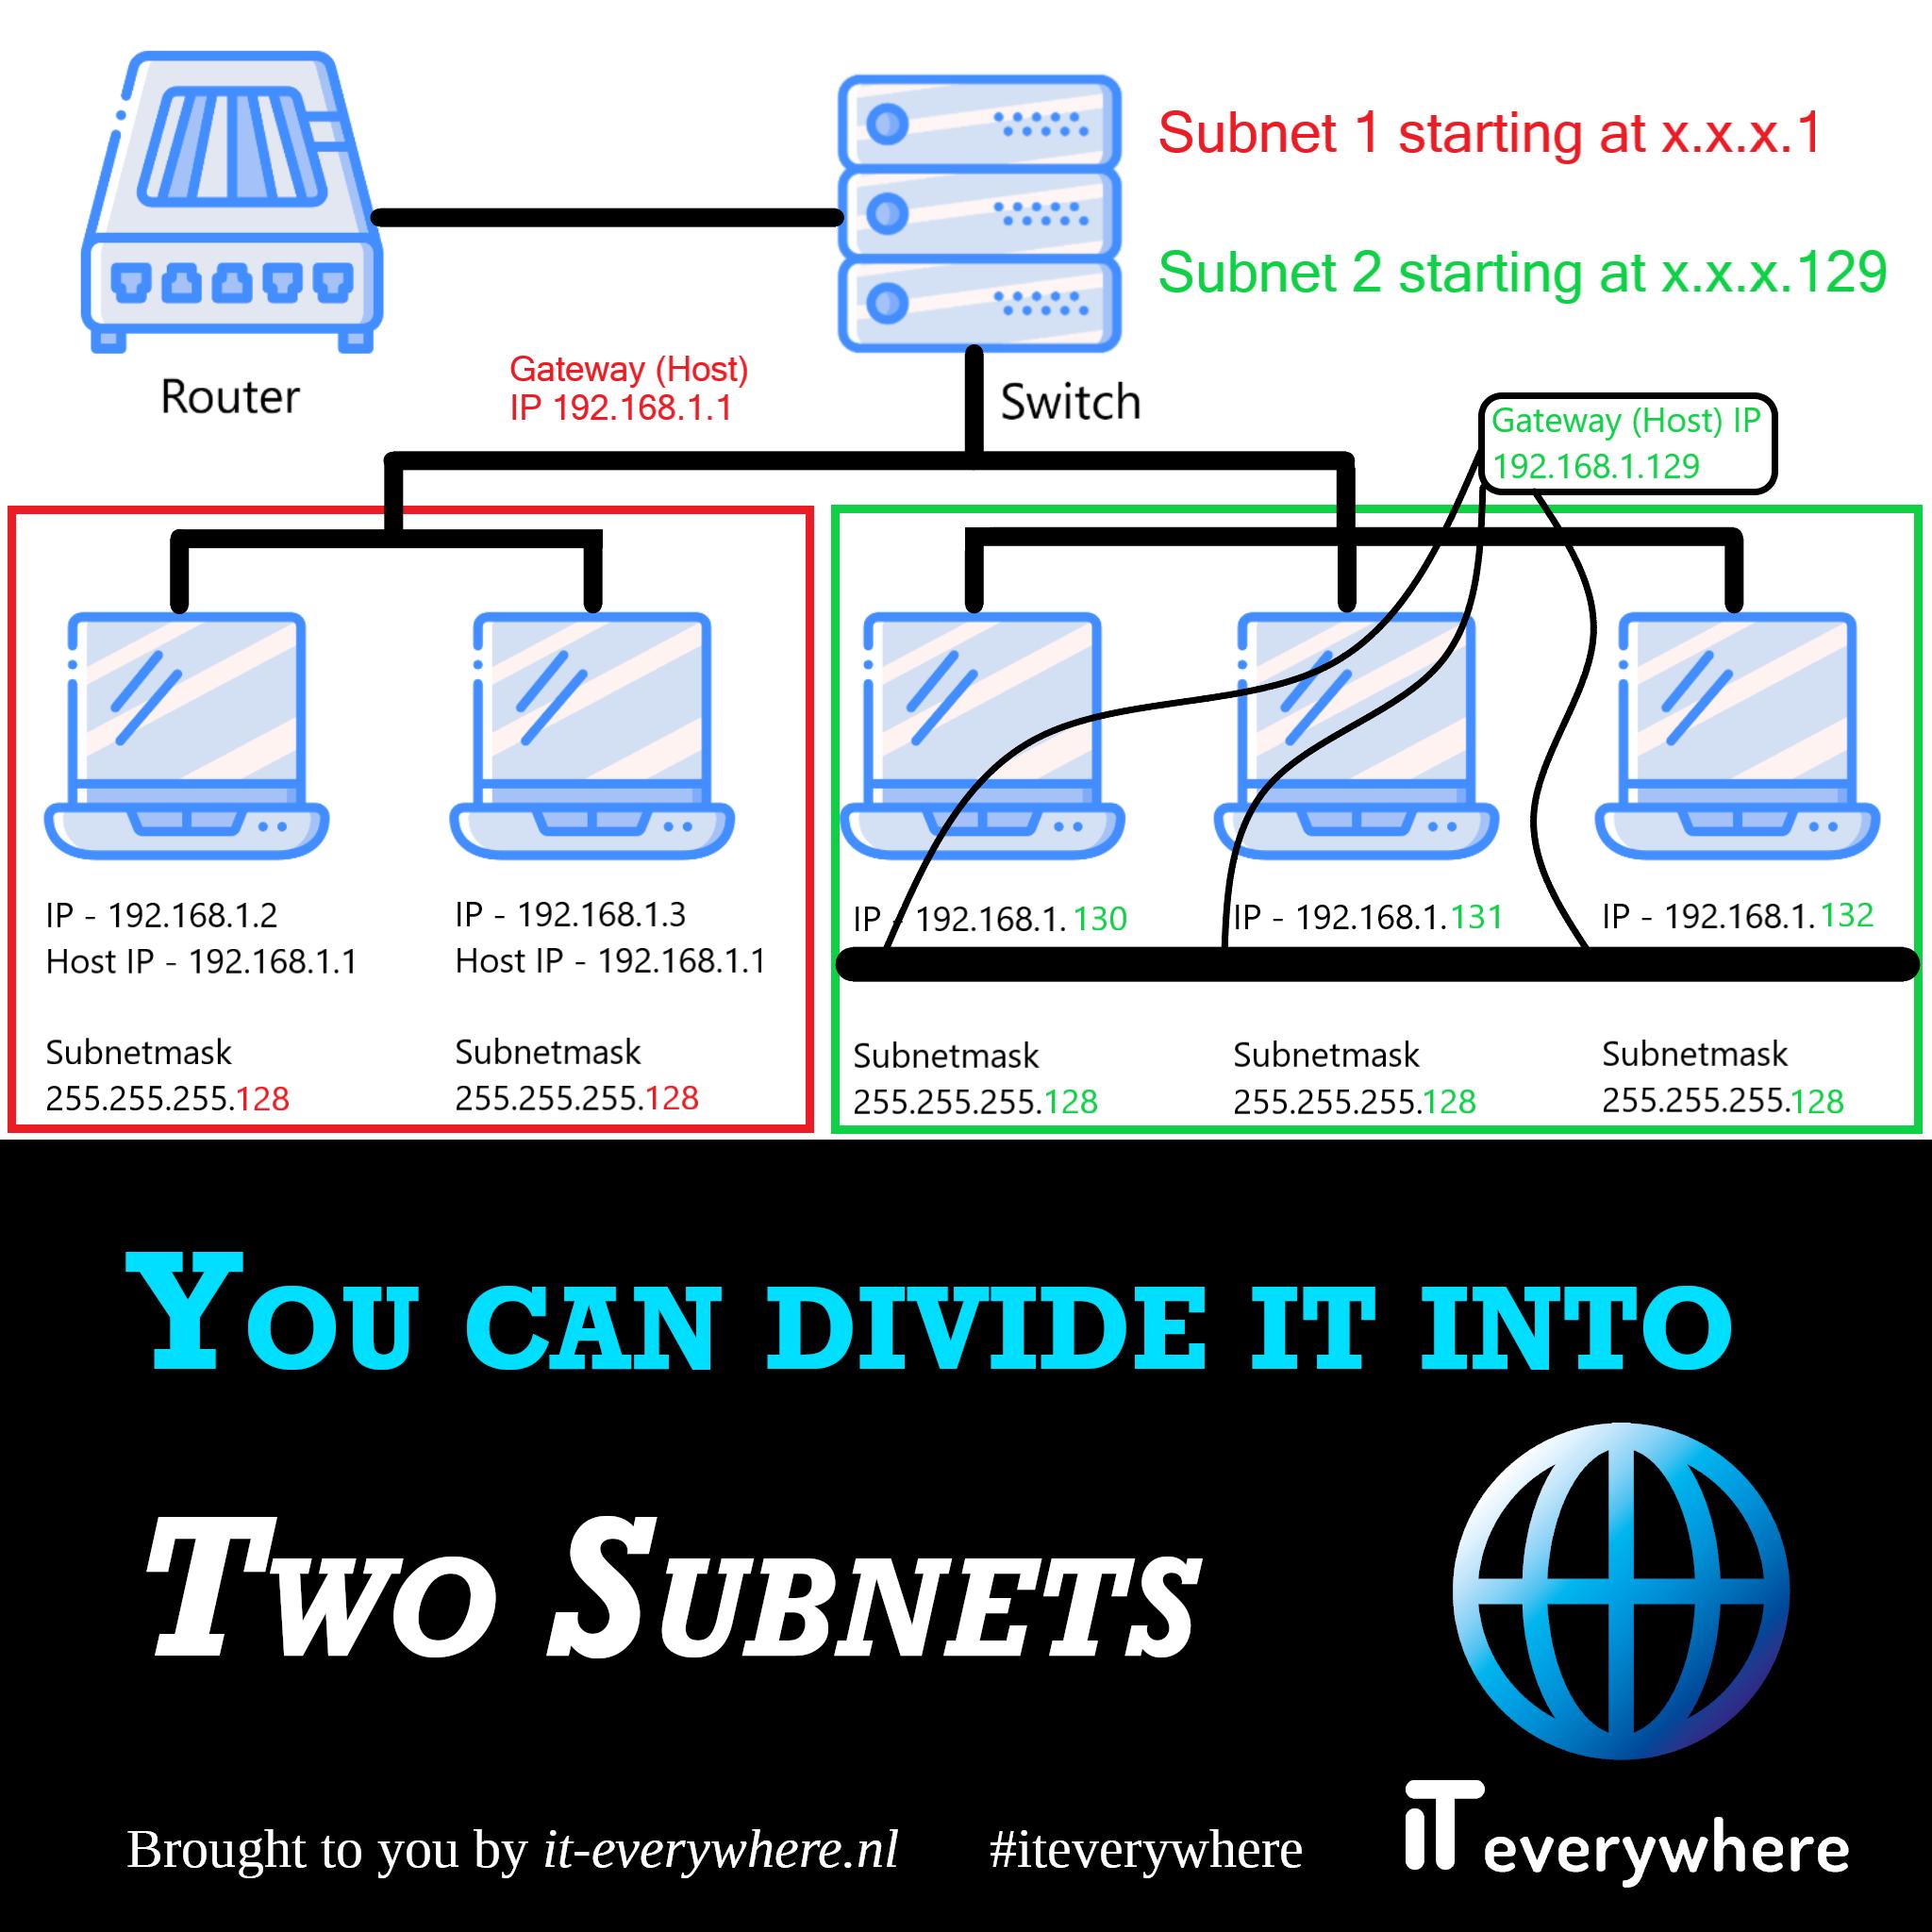 Je kan dit netwerk opdelen in twee subnets